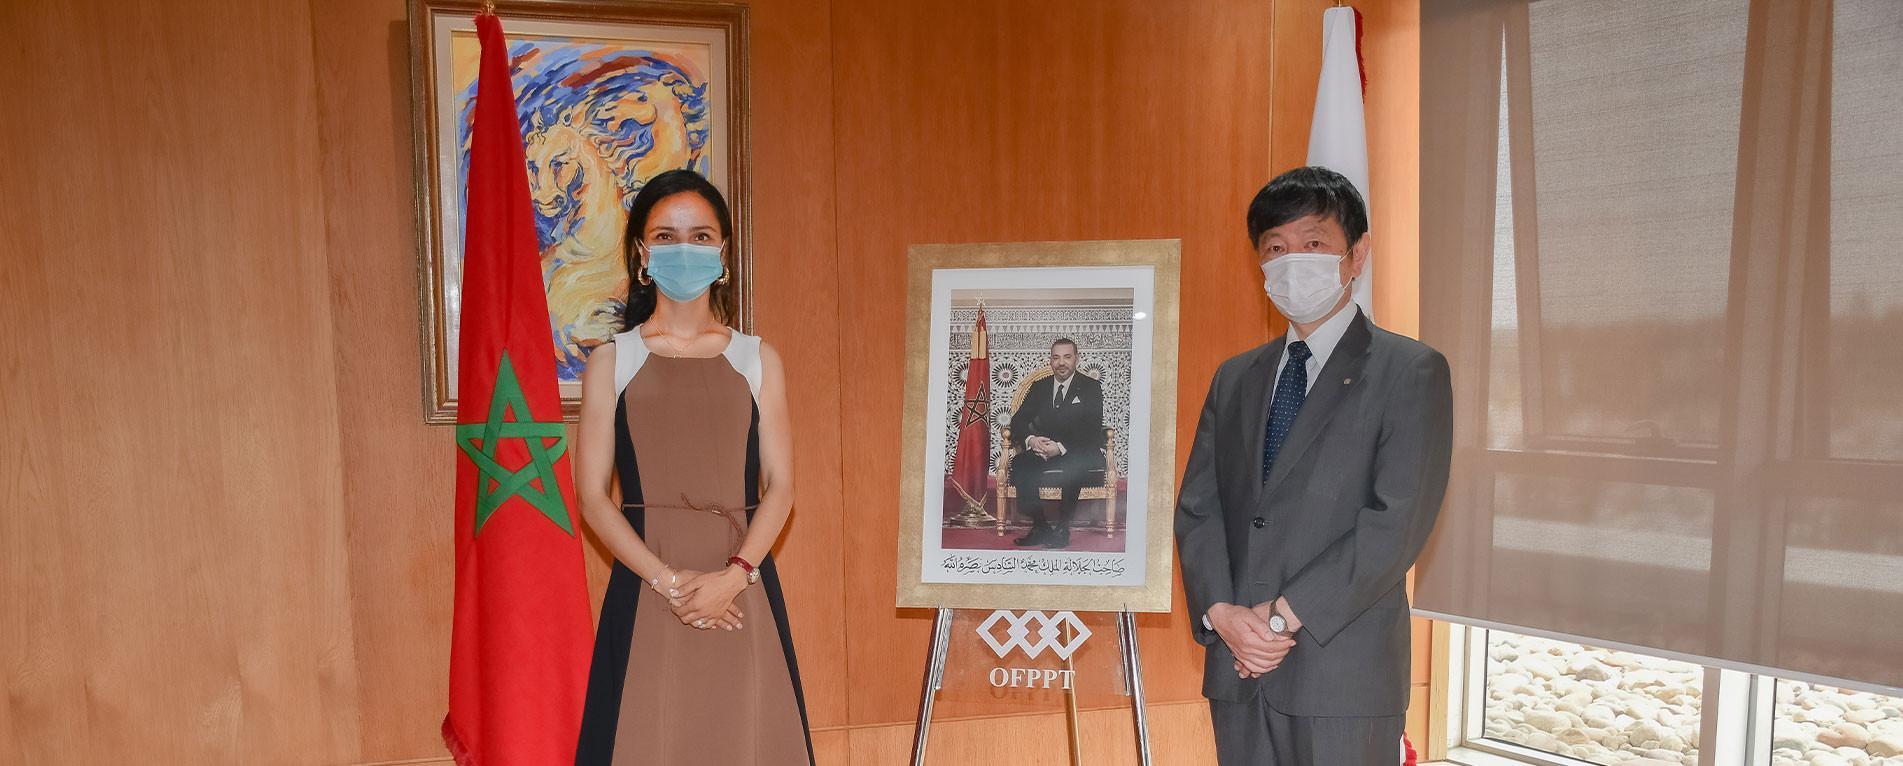 L'OFPPT et l'ambassade du Japon échangent autour des perspectives de collaboration